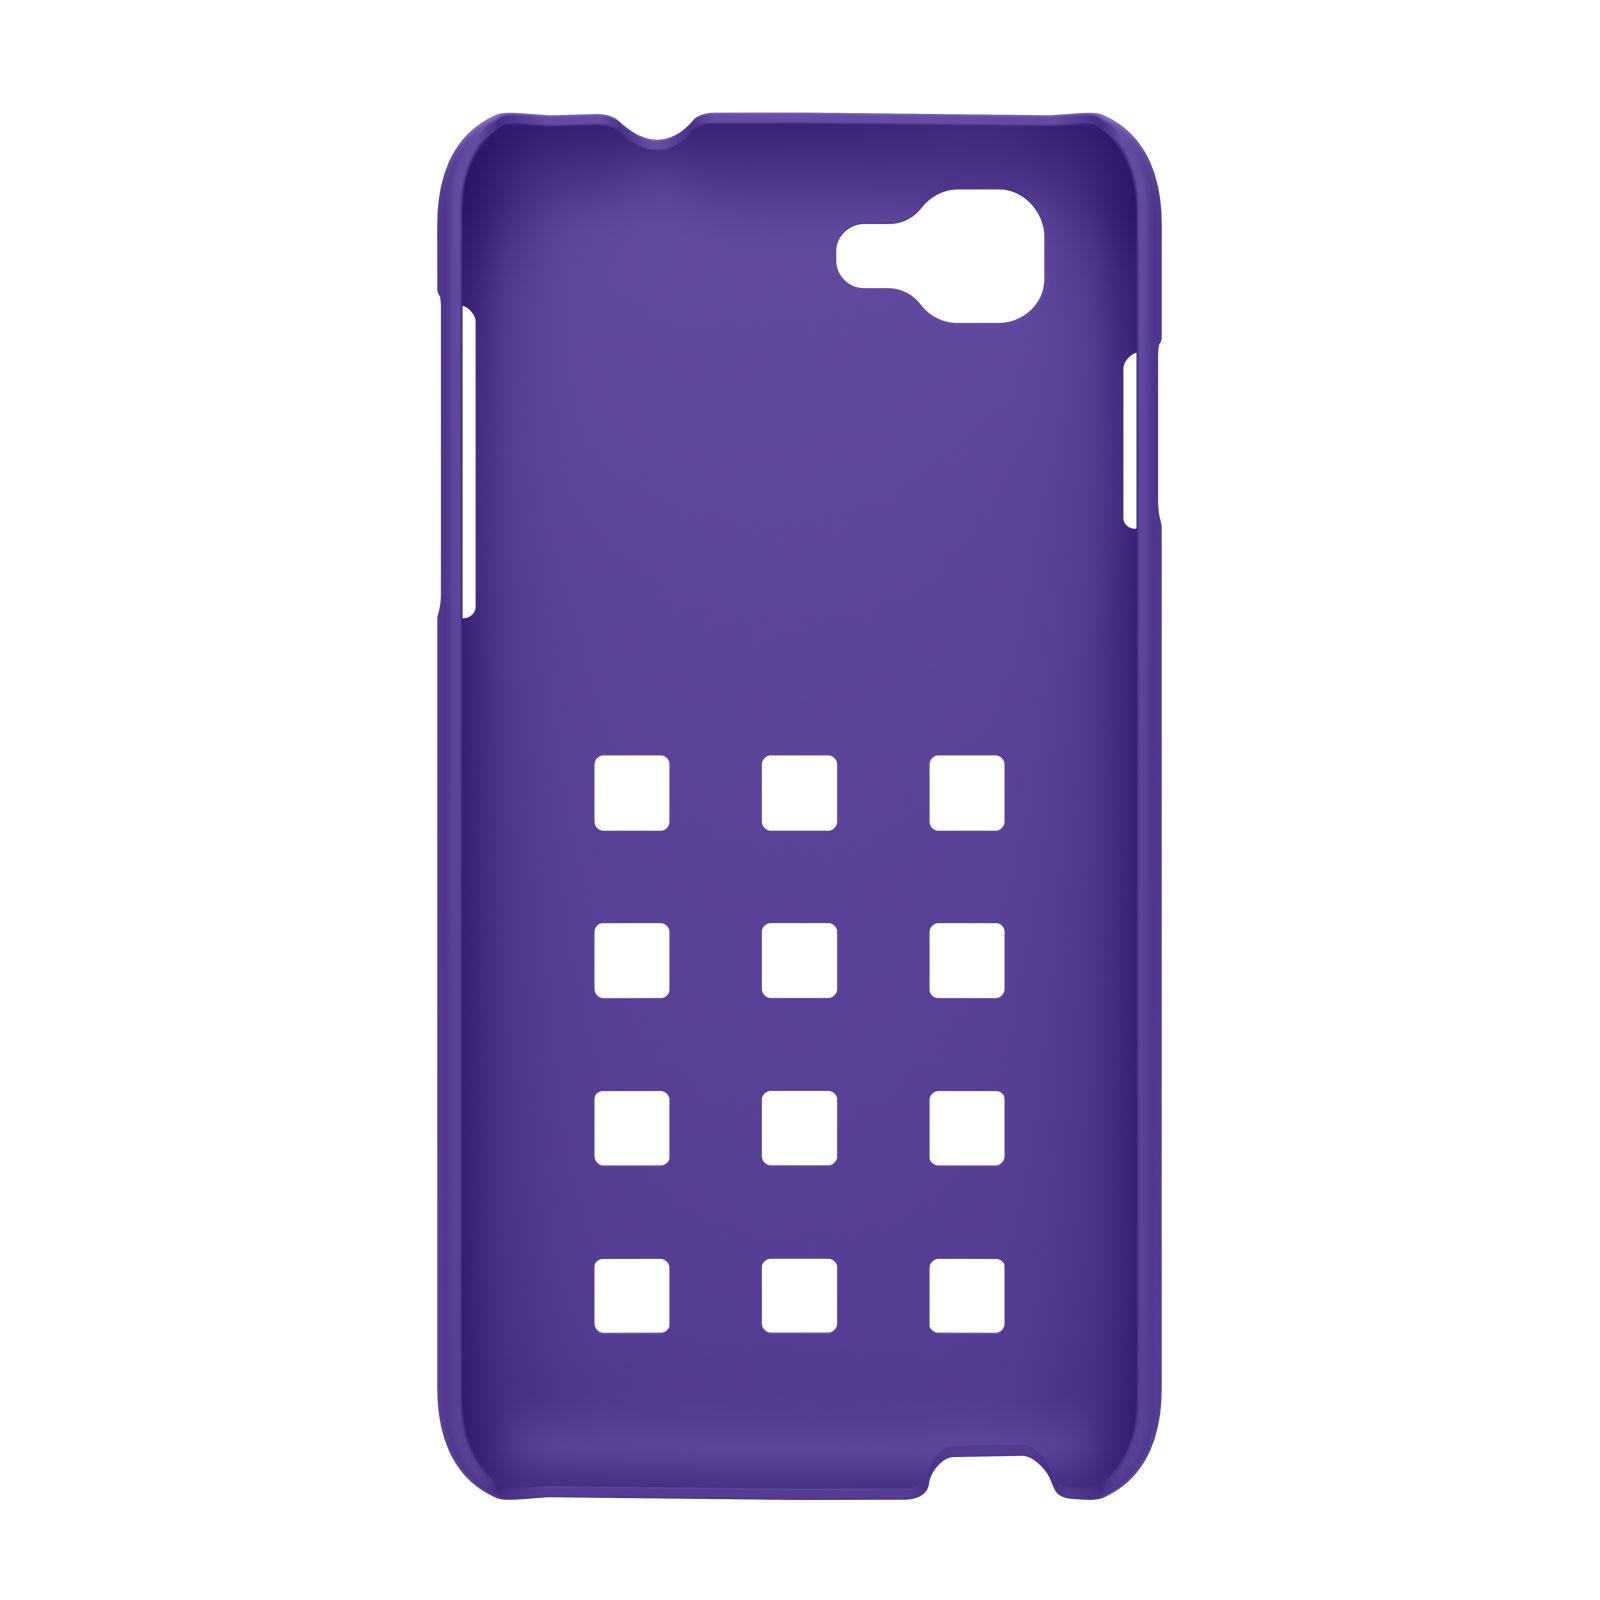 Coque Smartphone Wiko Coque Damier Violette Pour Wiko Kite sG7mm